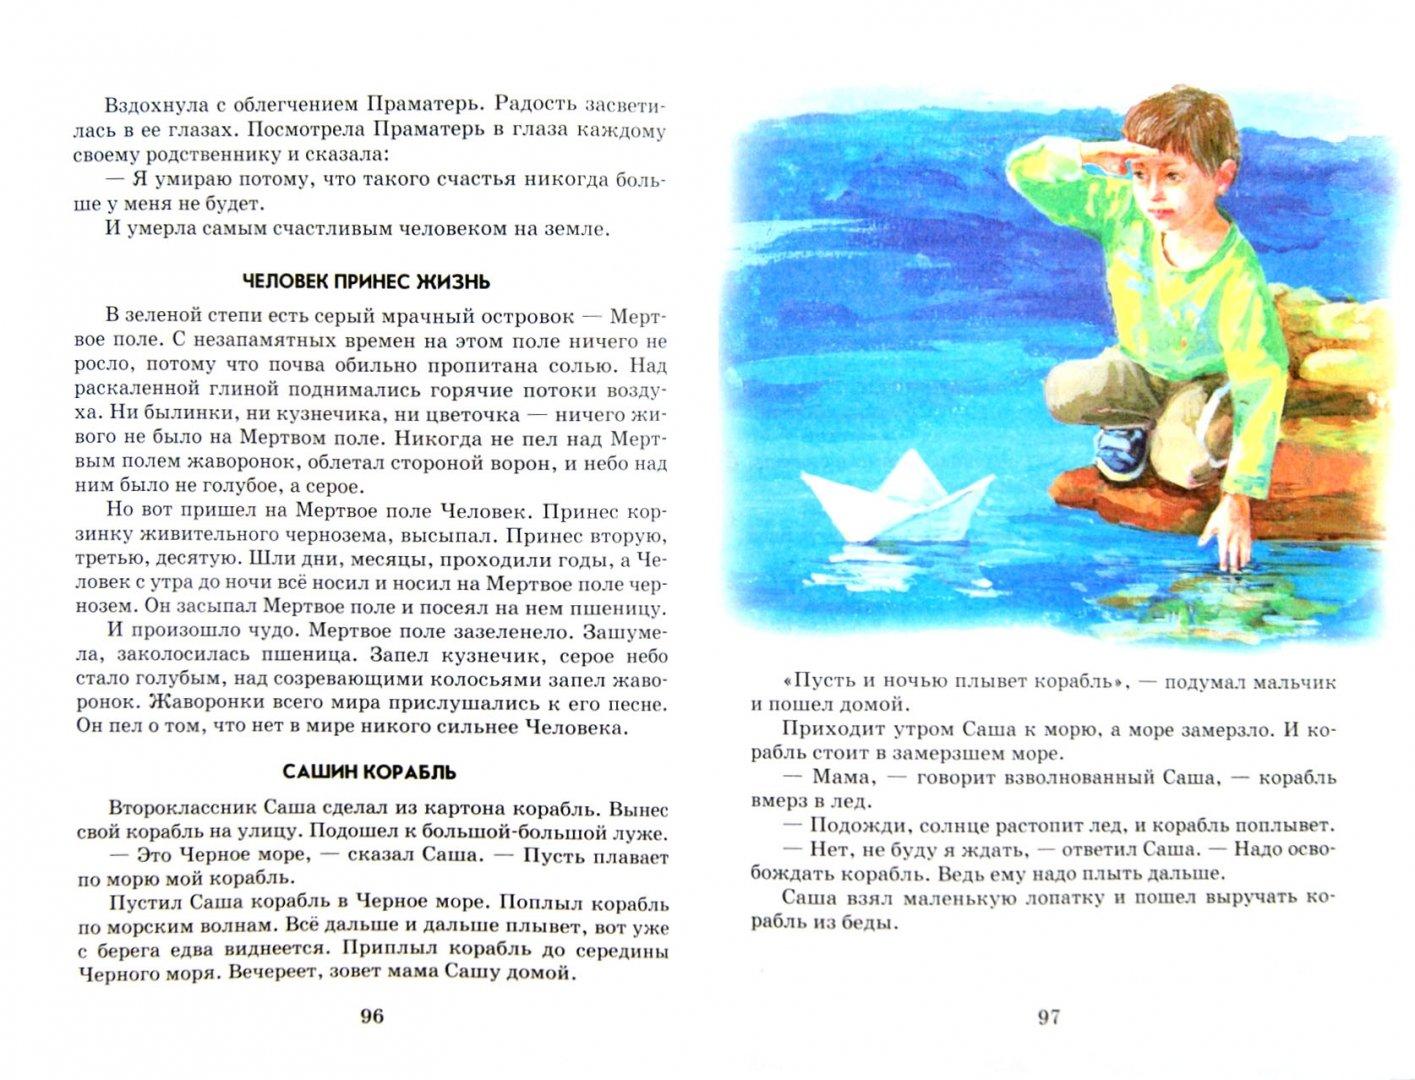 Иллюстрация 1 из 13 для Все добрые люди - одна семья - Василий Сухомлинский | Лабиринт - книги. Источник: Лабиринт